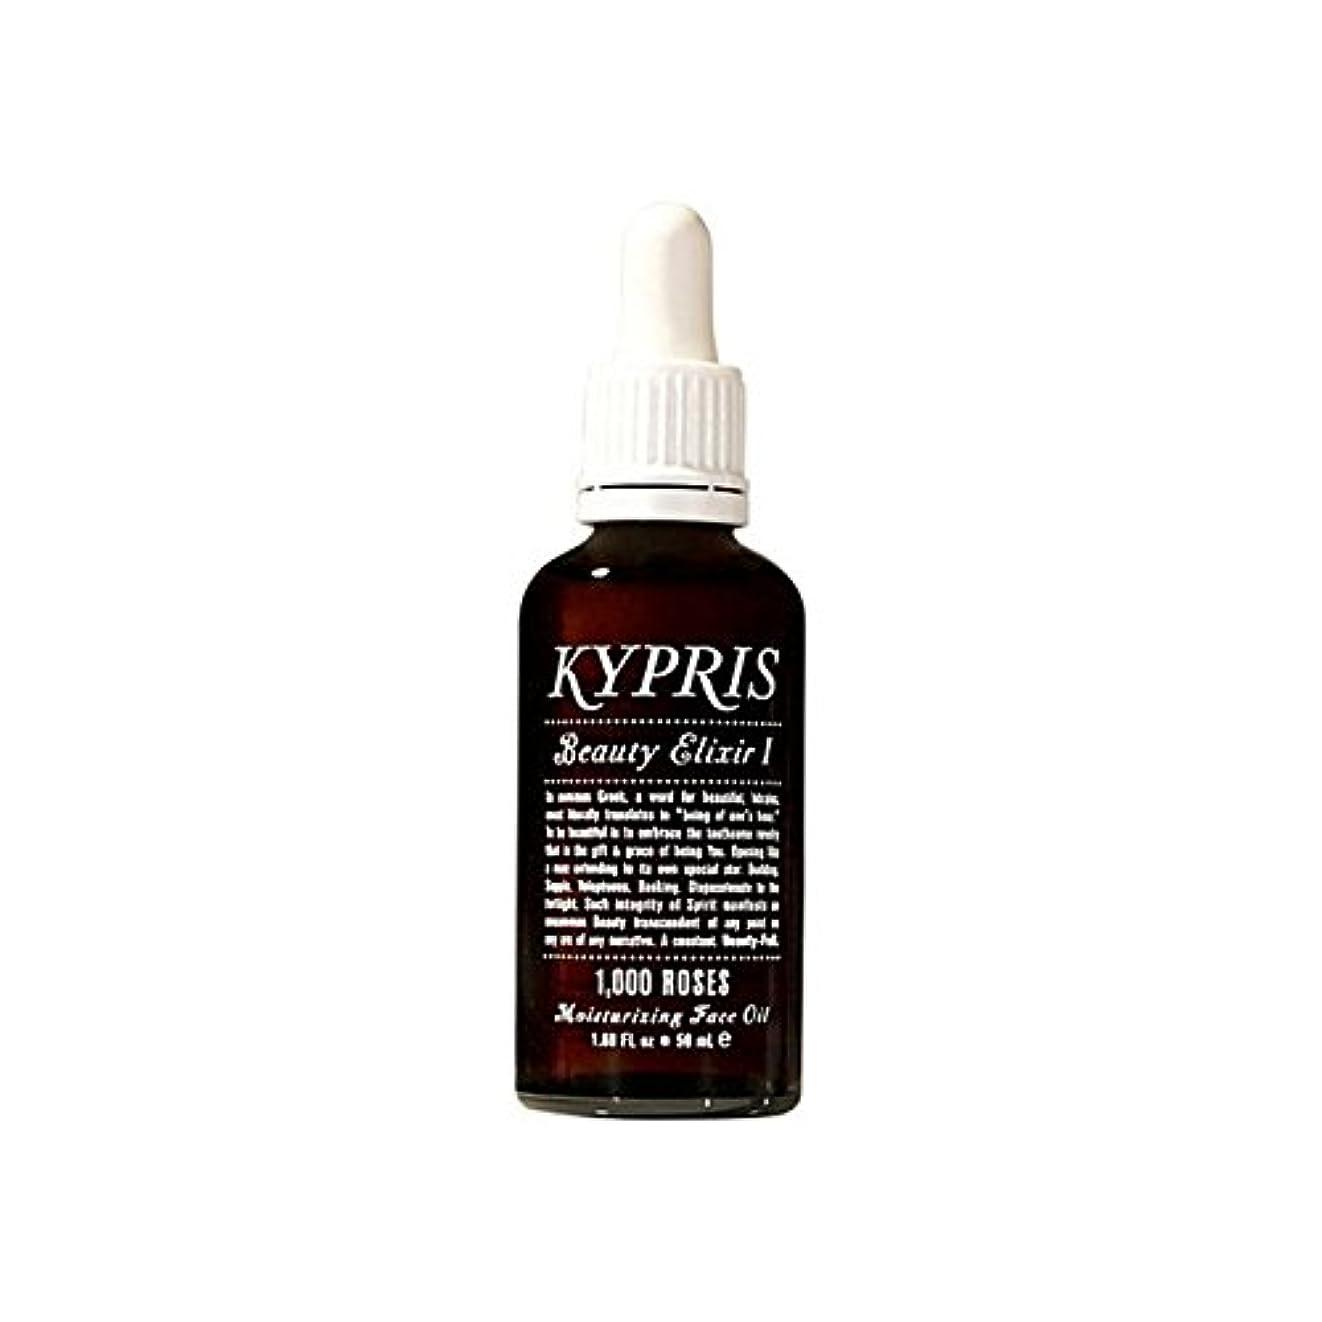 ヨーロッパ海外で降臨千本のバラの50ミリリットル - 美容エリキシル私は x2 - Kypris Beauty Elixir I - 1,000 Roses 50Ml (Pack of 2) [並行輸入品]